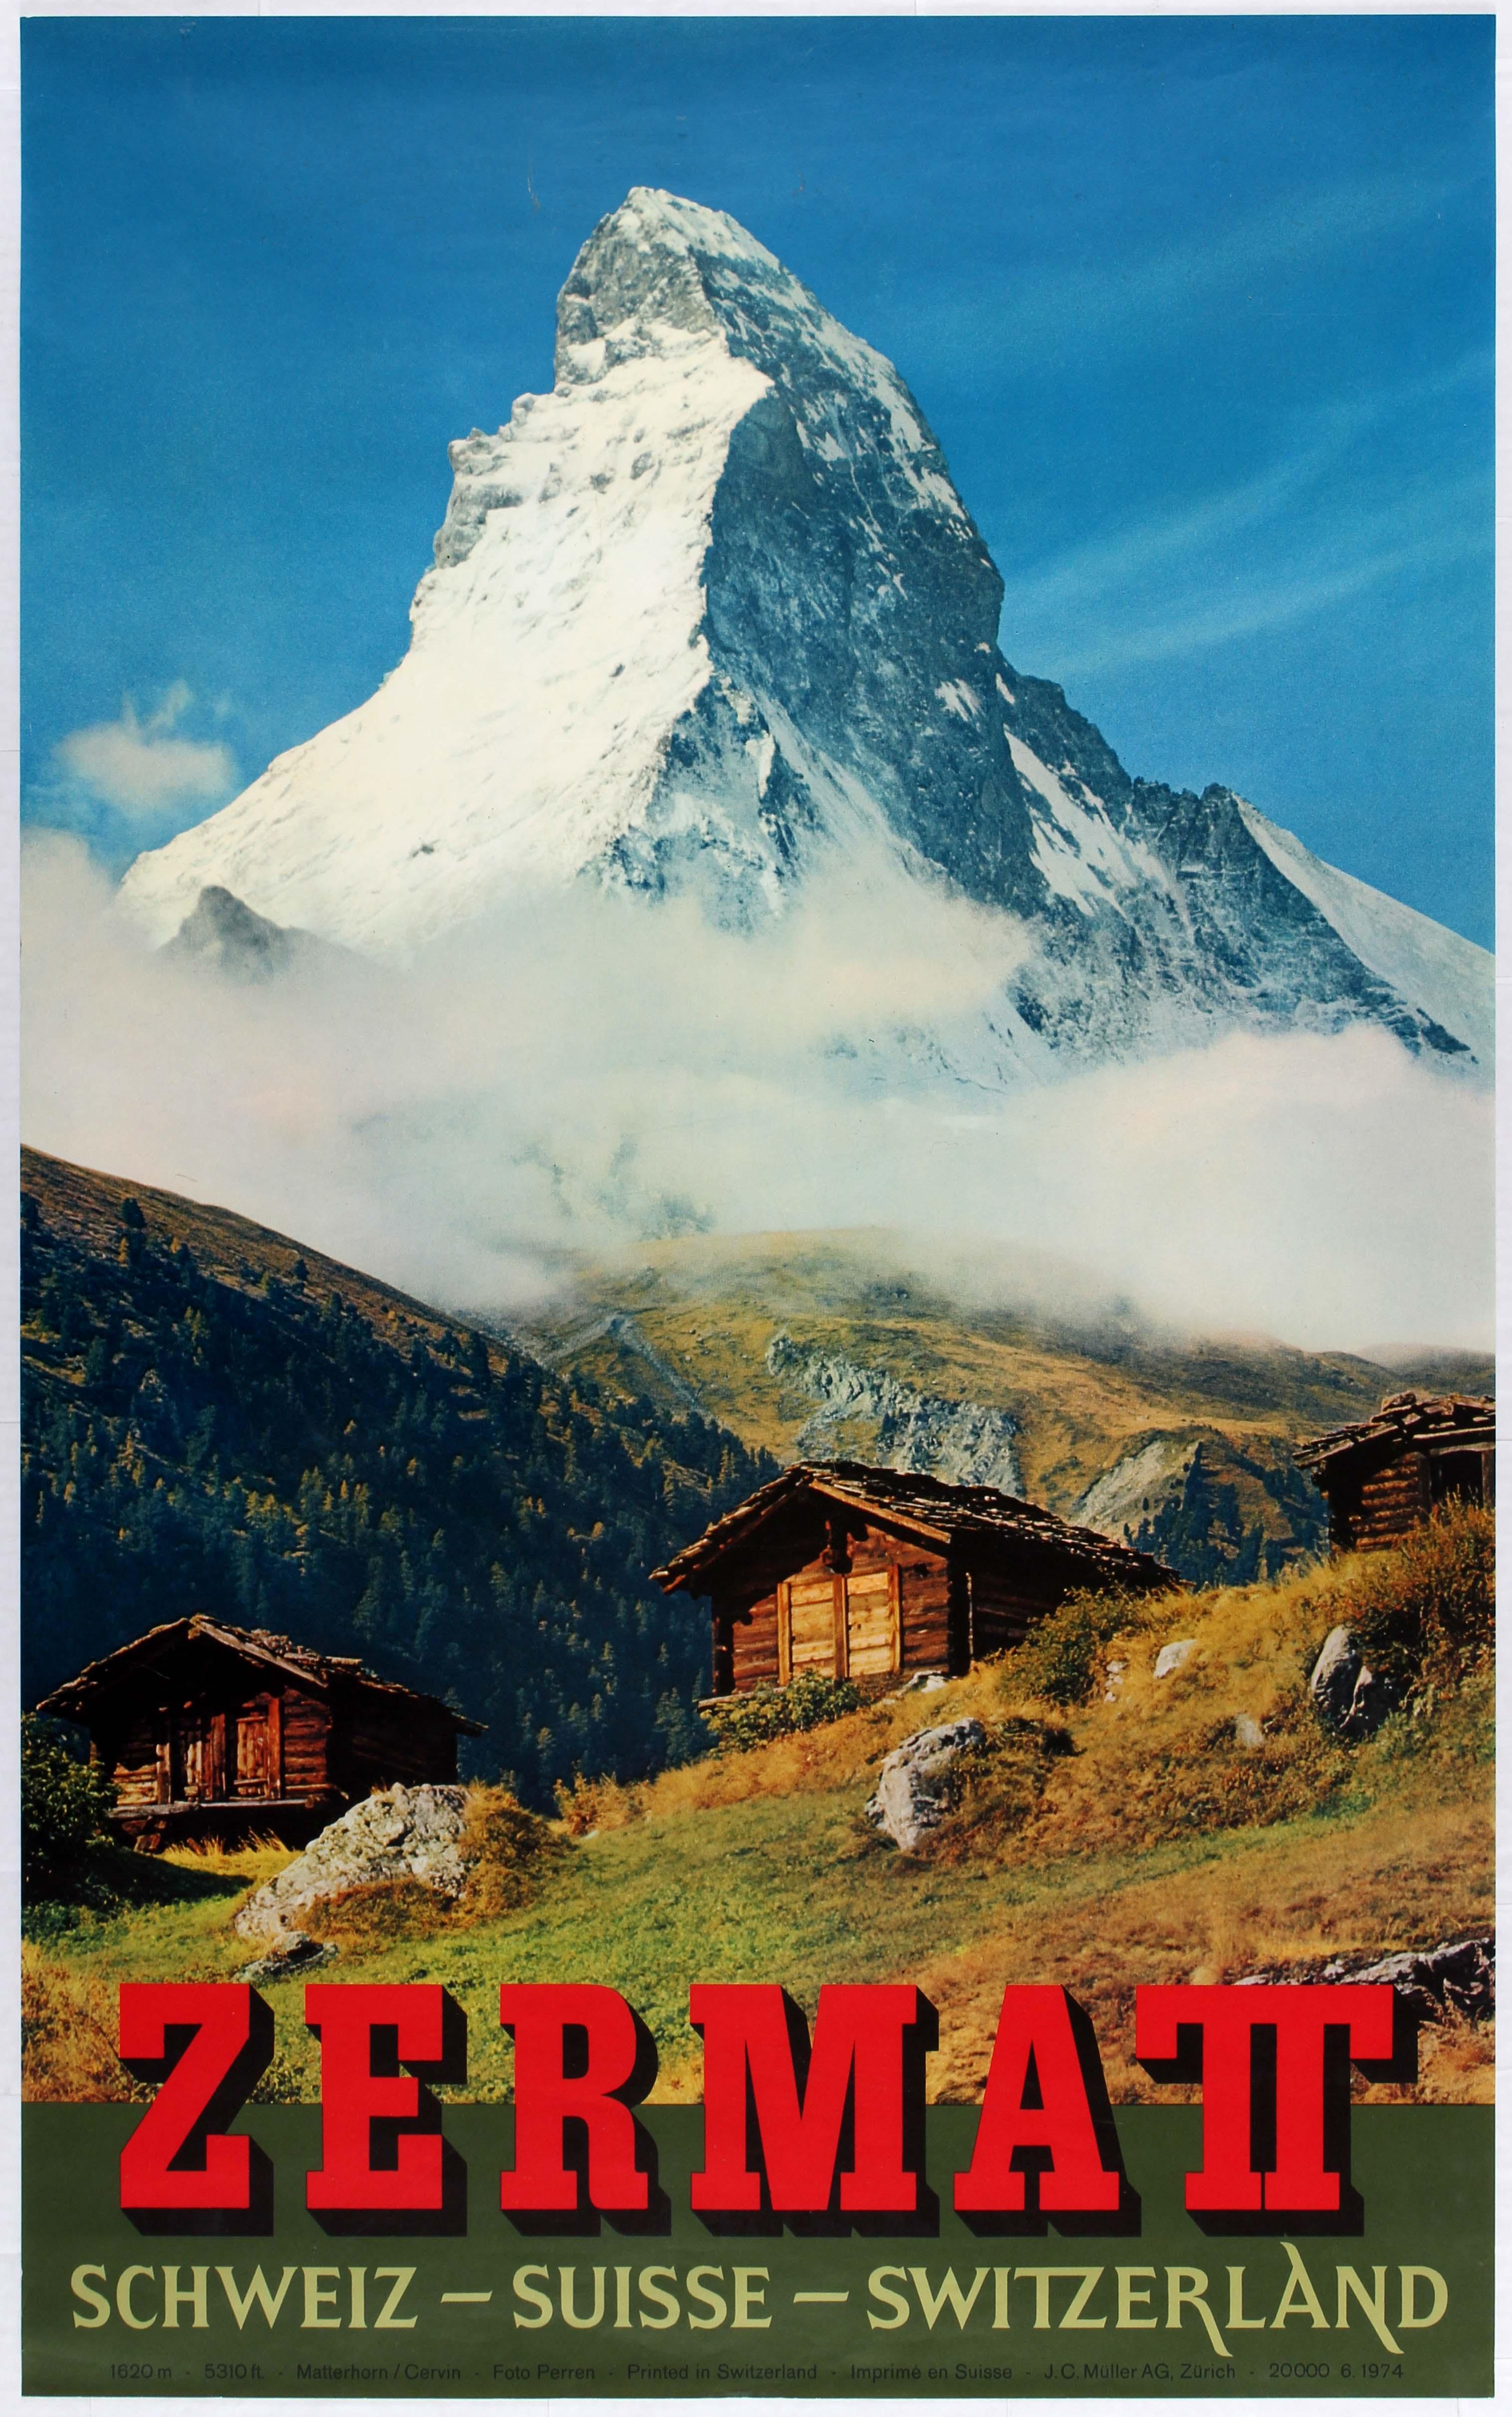 Lot 2701 - Travel Poster Zermatt Switzerland Suisse